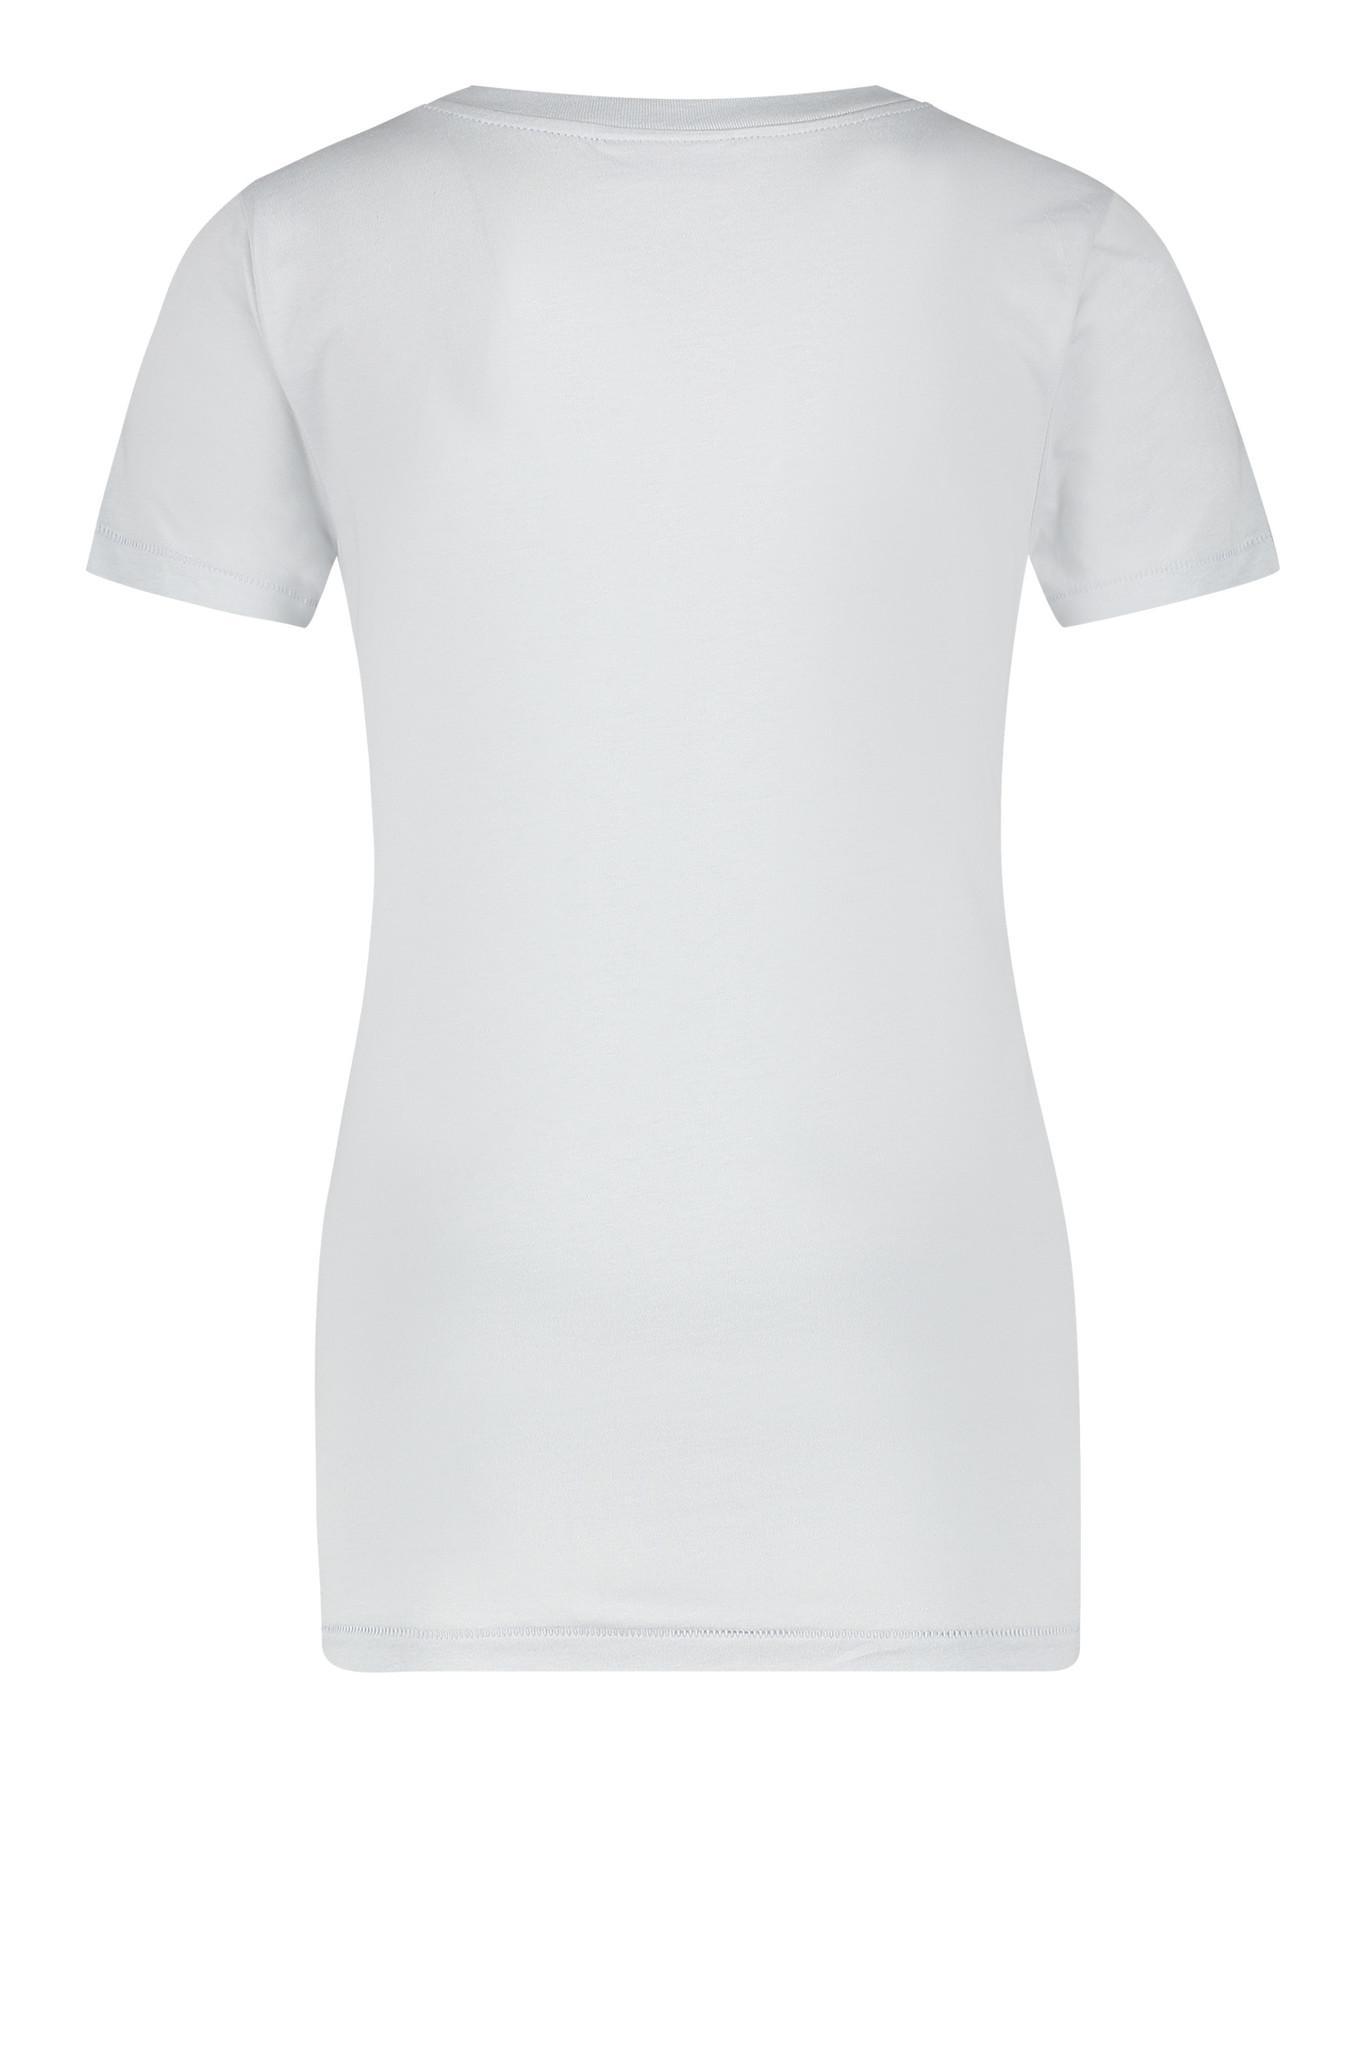 Penn & Ink Shirts S21F897-2